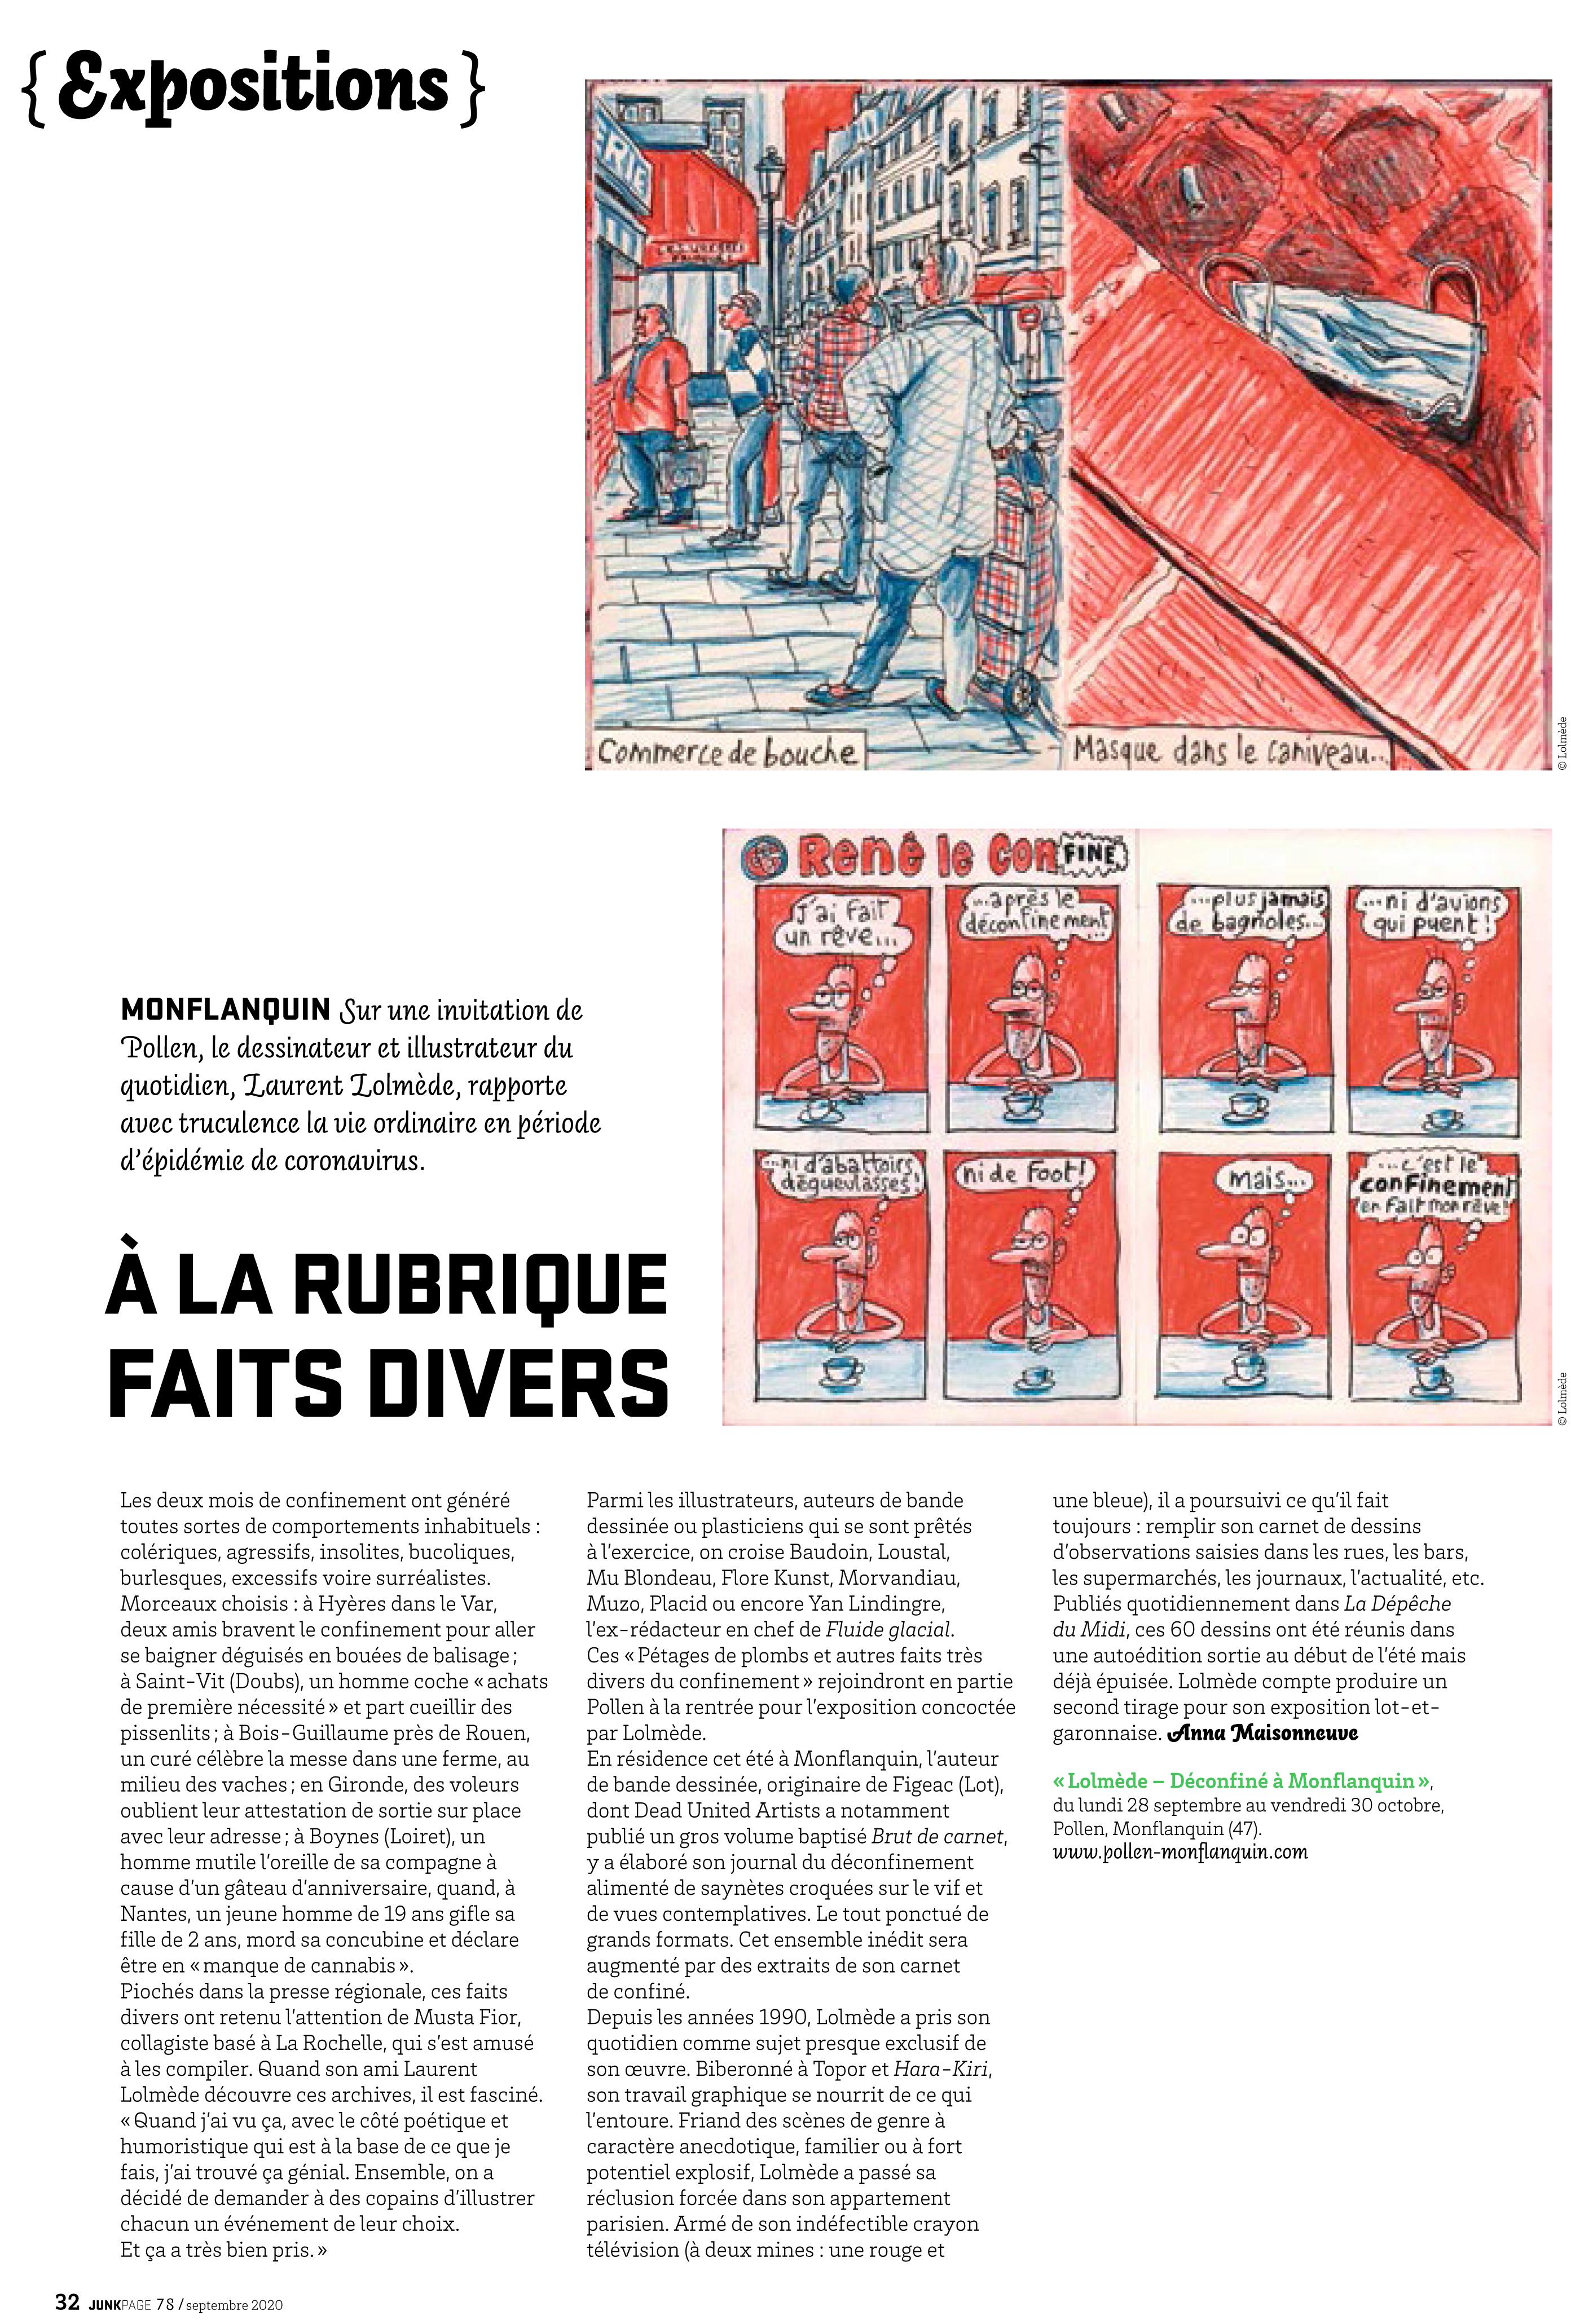 Mu Blondeau Junkpage Expo Lolmède Musta Fior